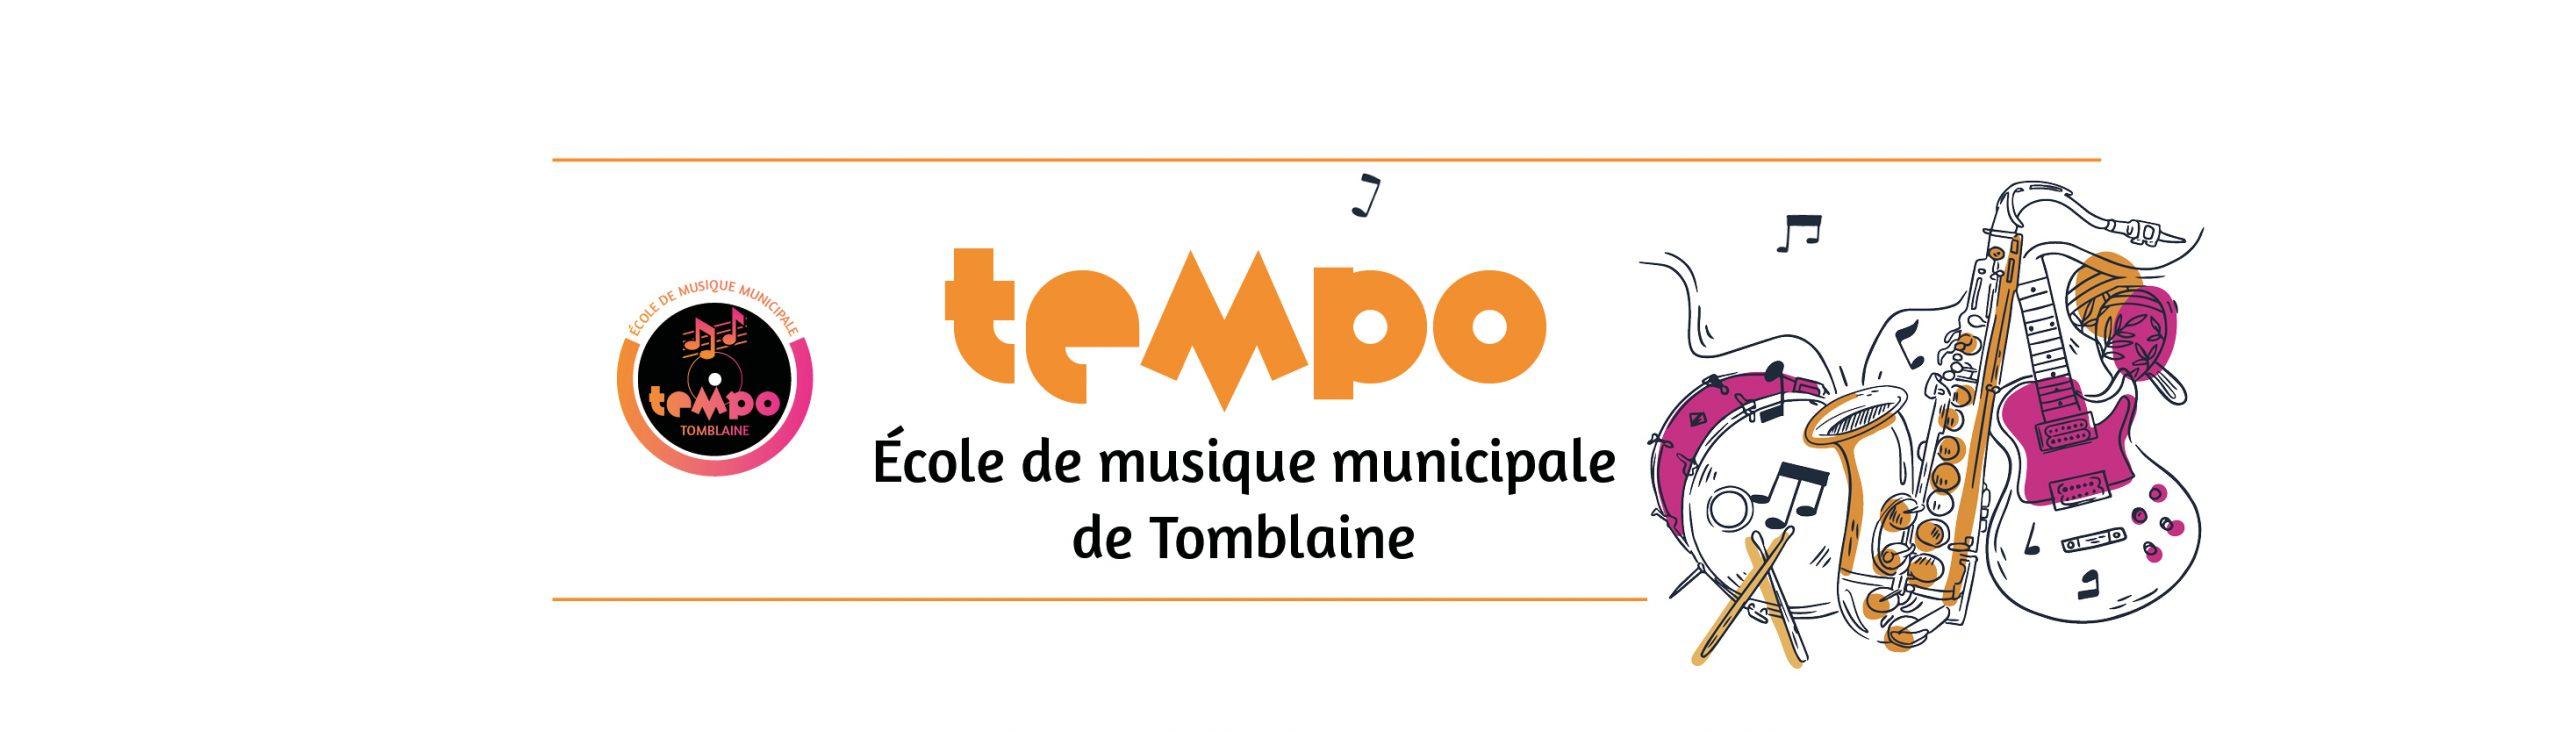 École de musique municipale Tempo